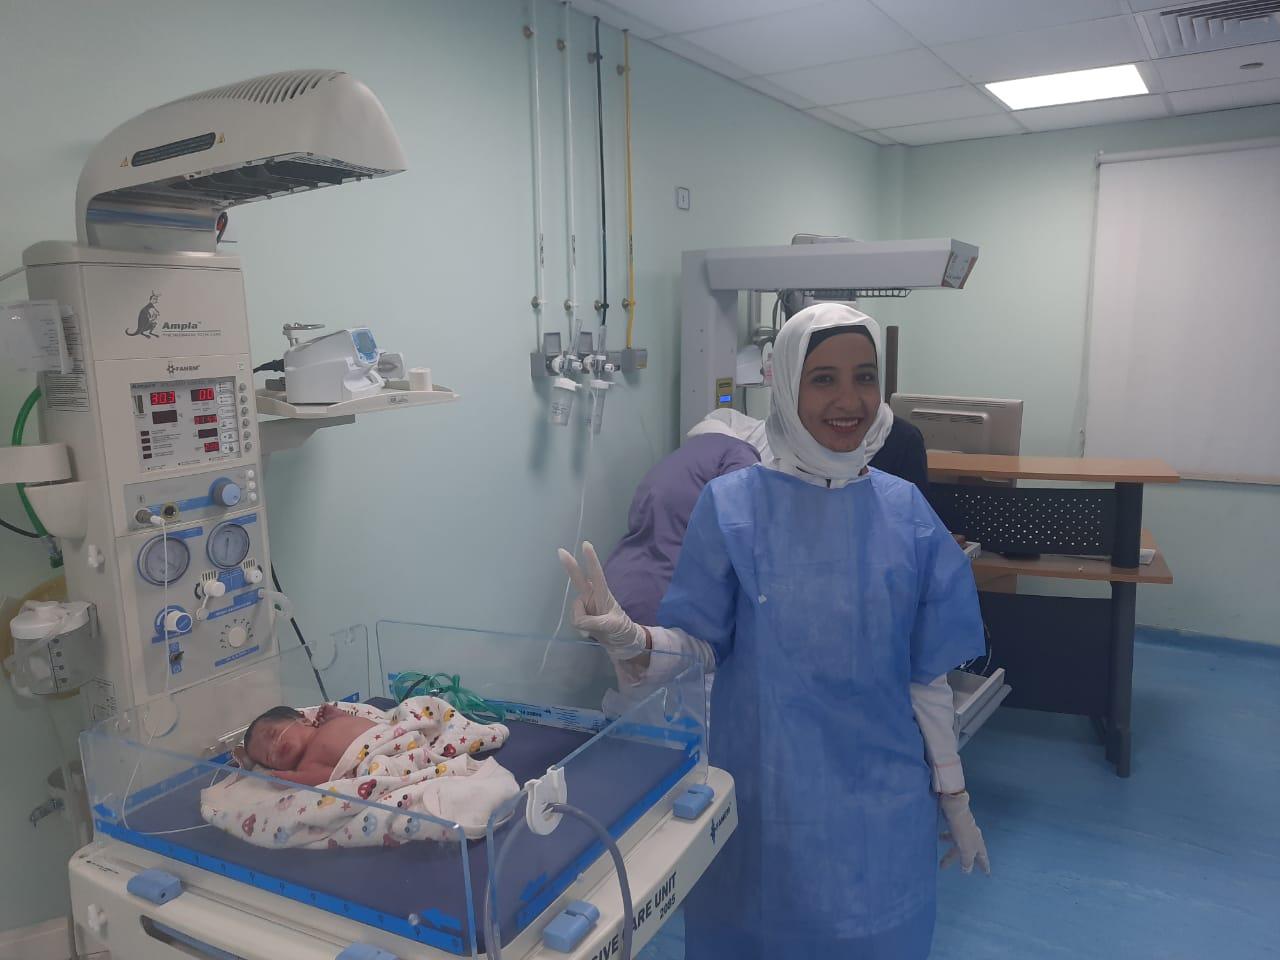 أطباء مستشفى الأقصر العام يجرون ولادة طبيعية لـ4 توائم بنجاح كبير (1)